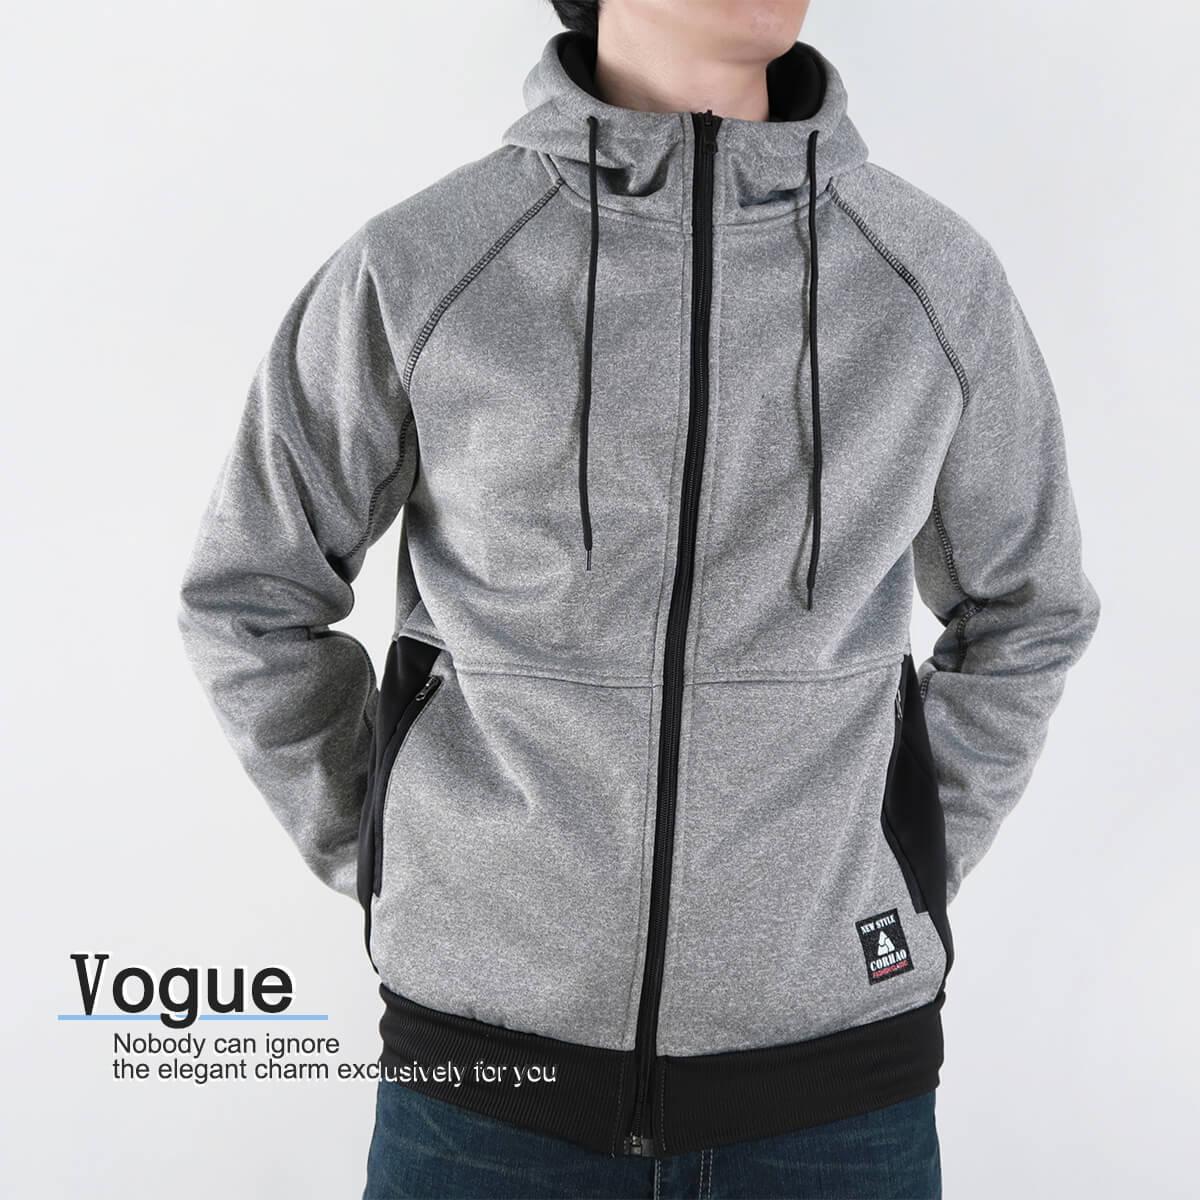 內刷毛連帽保暖外套 夾克外套 運動外套 休閒連帽外套 刷毛外套 黑色外套 時尚穿搭 WARM FLEECE LINED JACKETS (321-8916-01)淺灰色、(321-8916-02)深灰色、(321-8916-03)黑色 L XL 2L(胸圍46~50英吋) [實體店面保障] sun-e 4